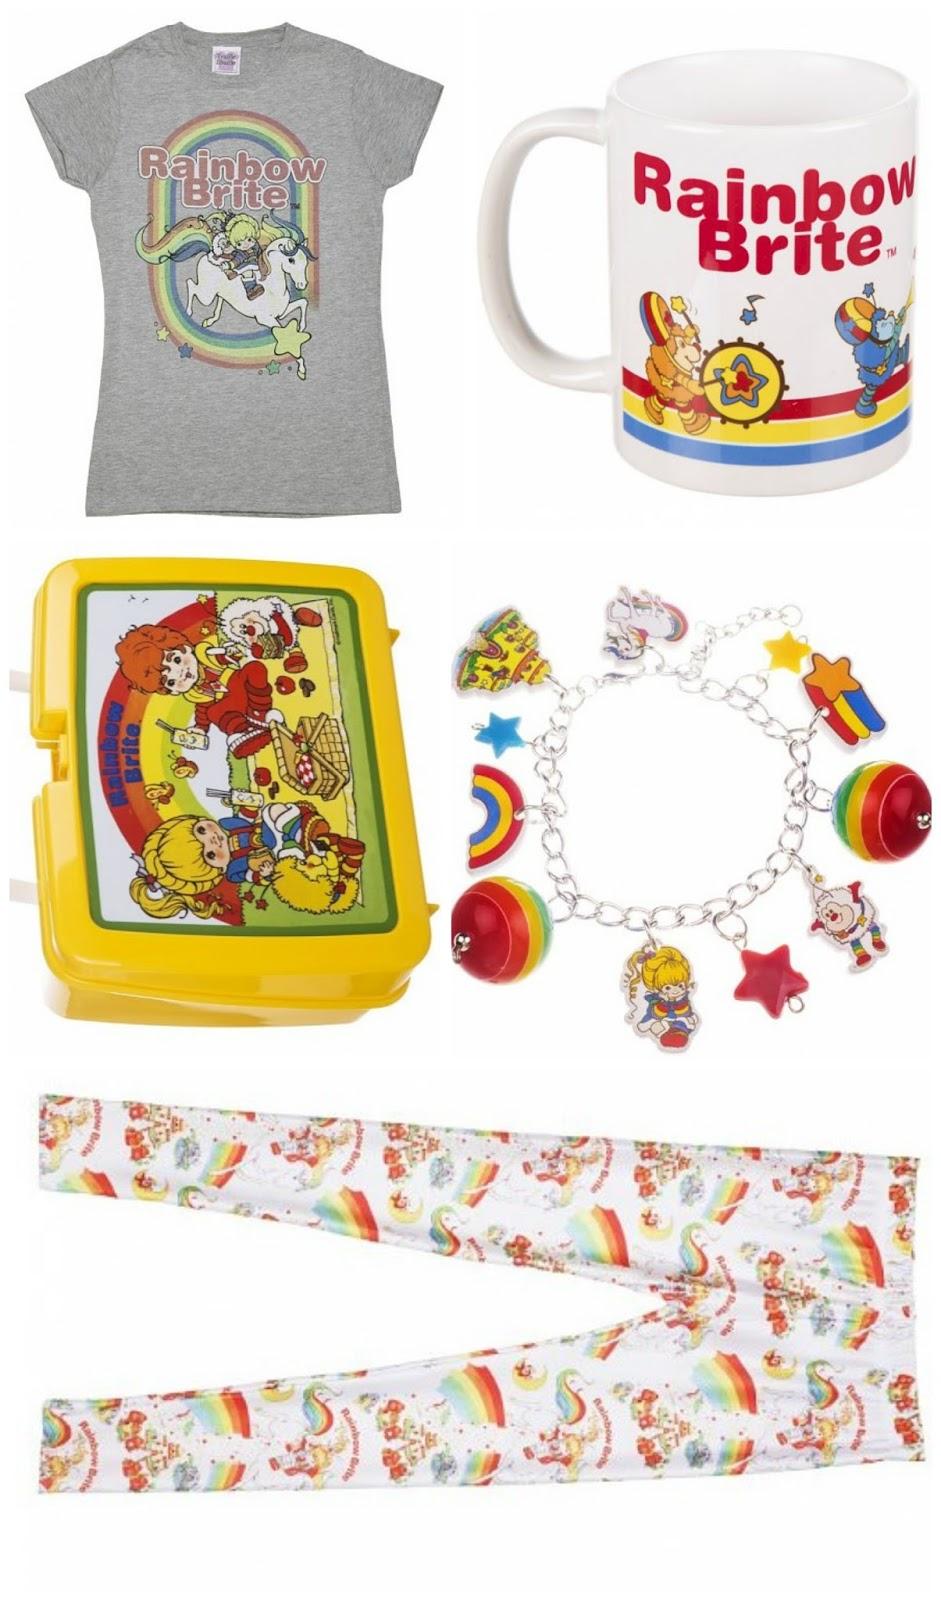 Rainbow Brite accessories